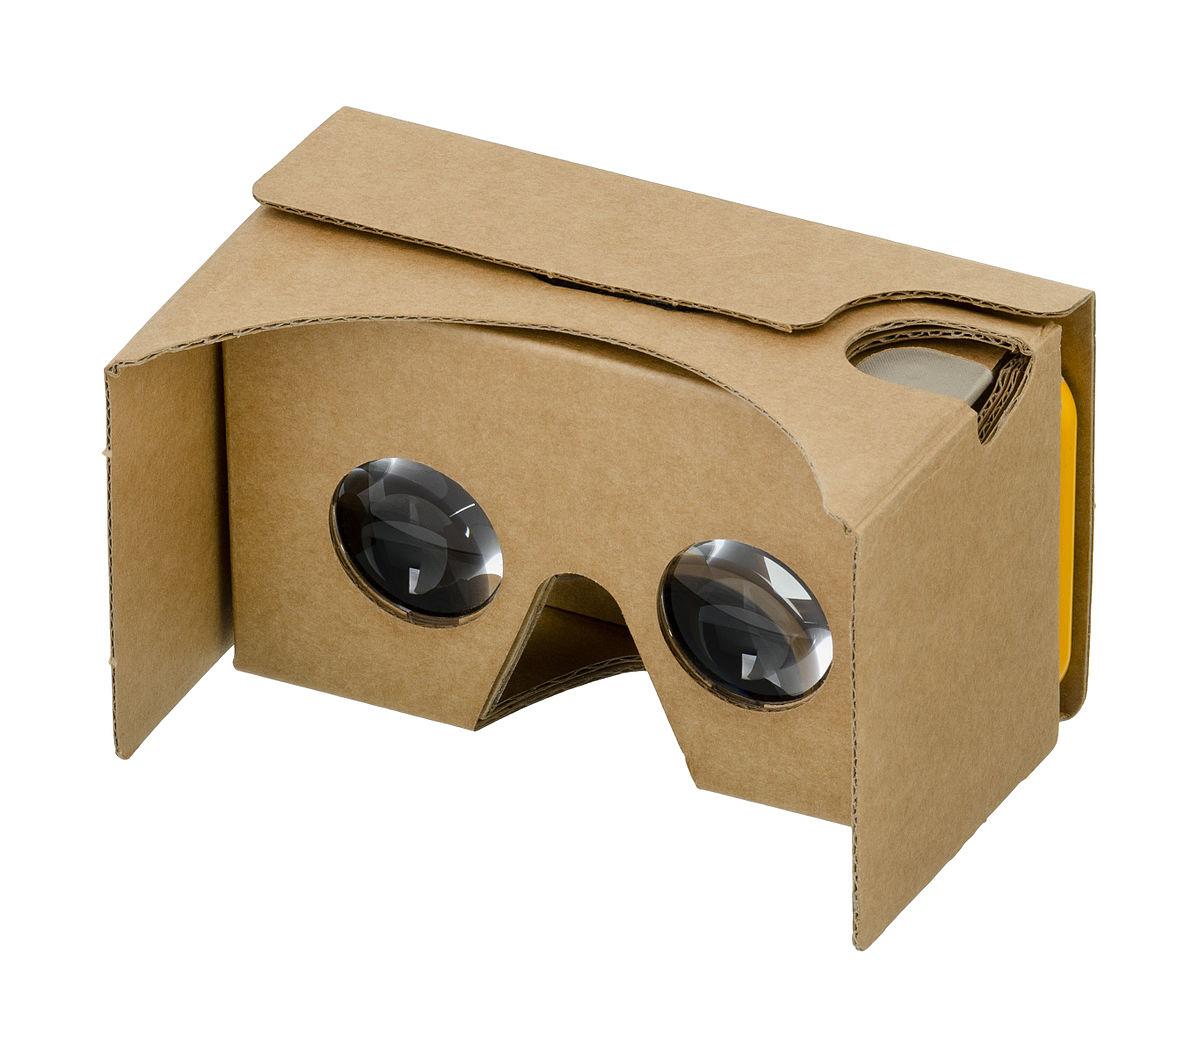 Image result for cardboard google